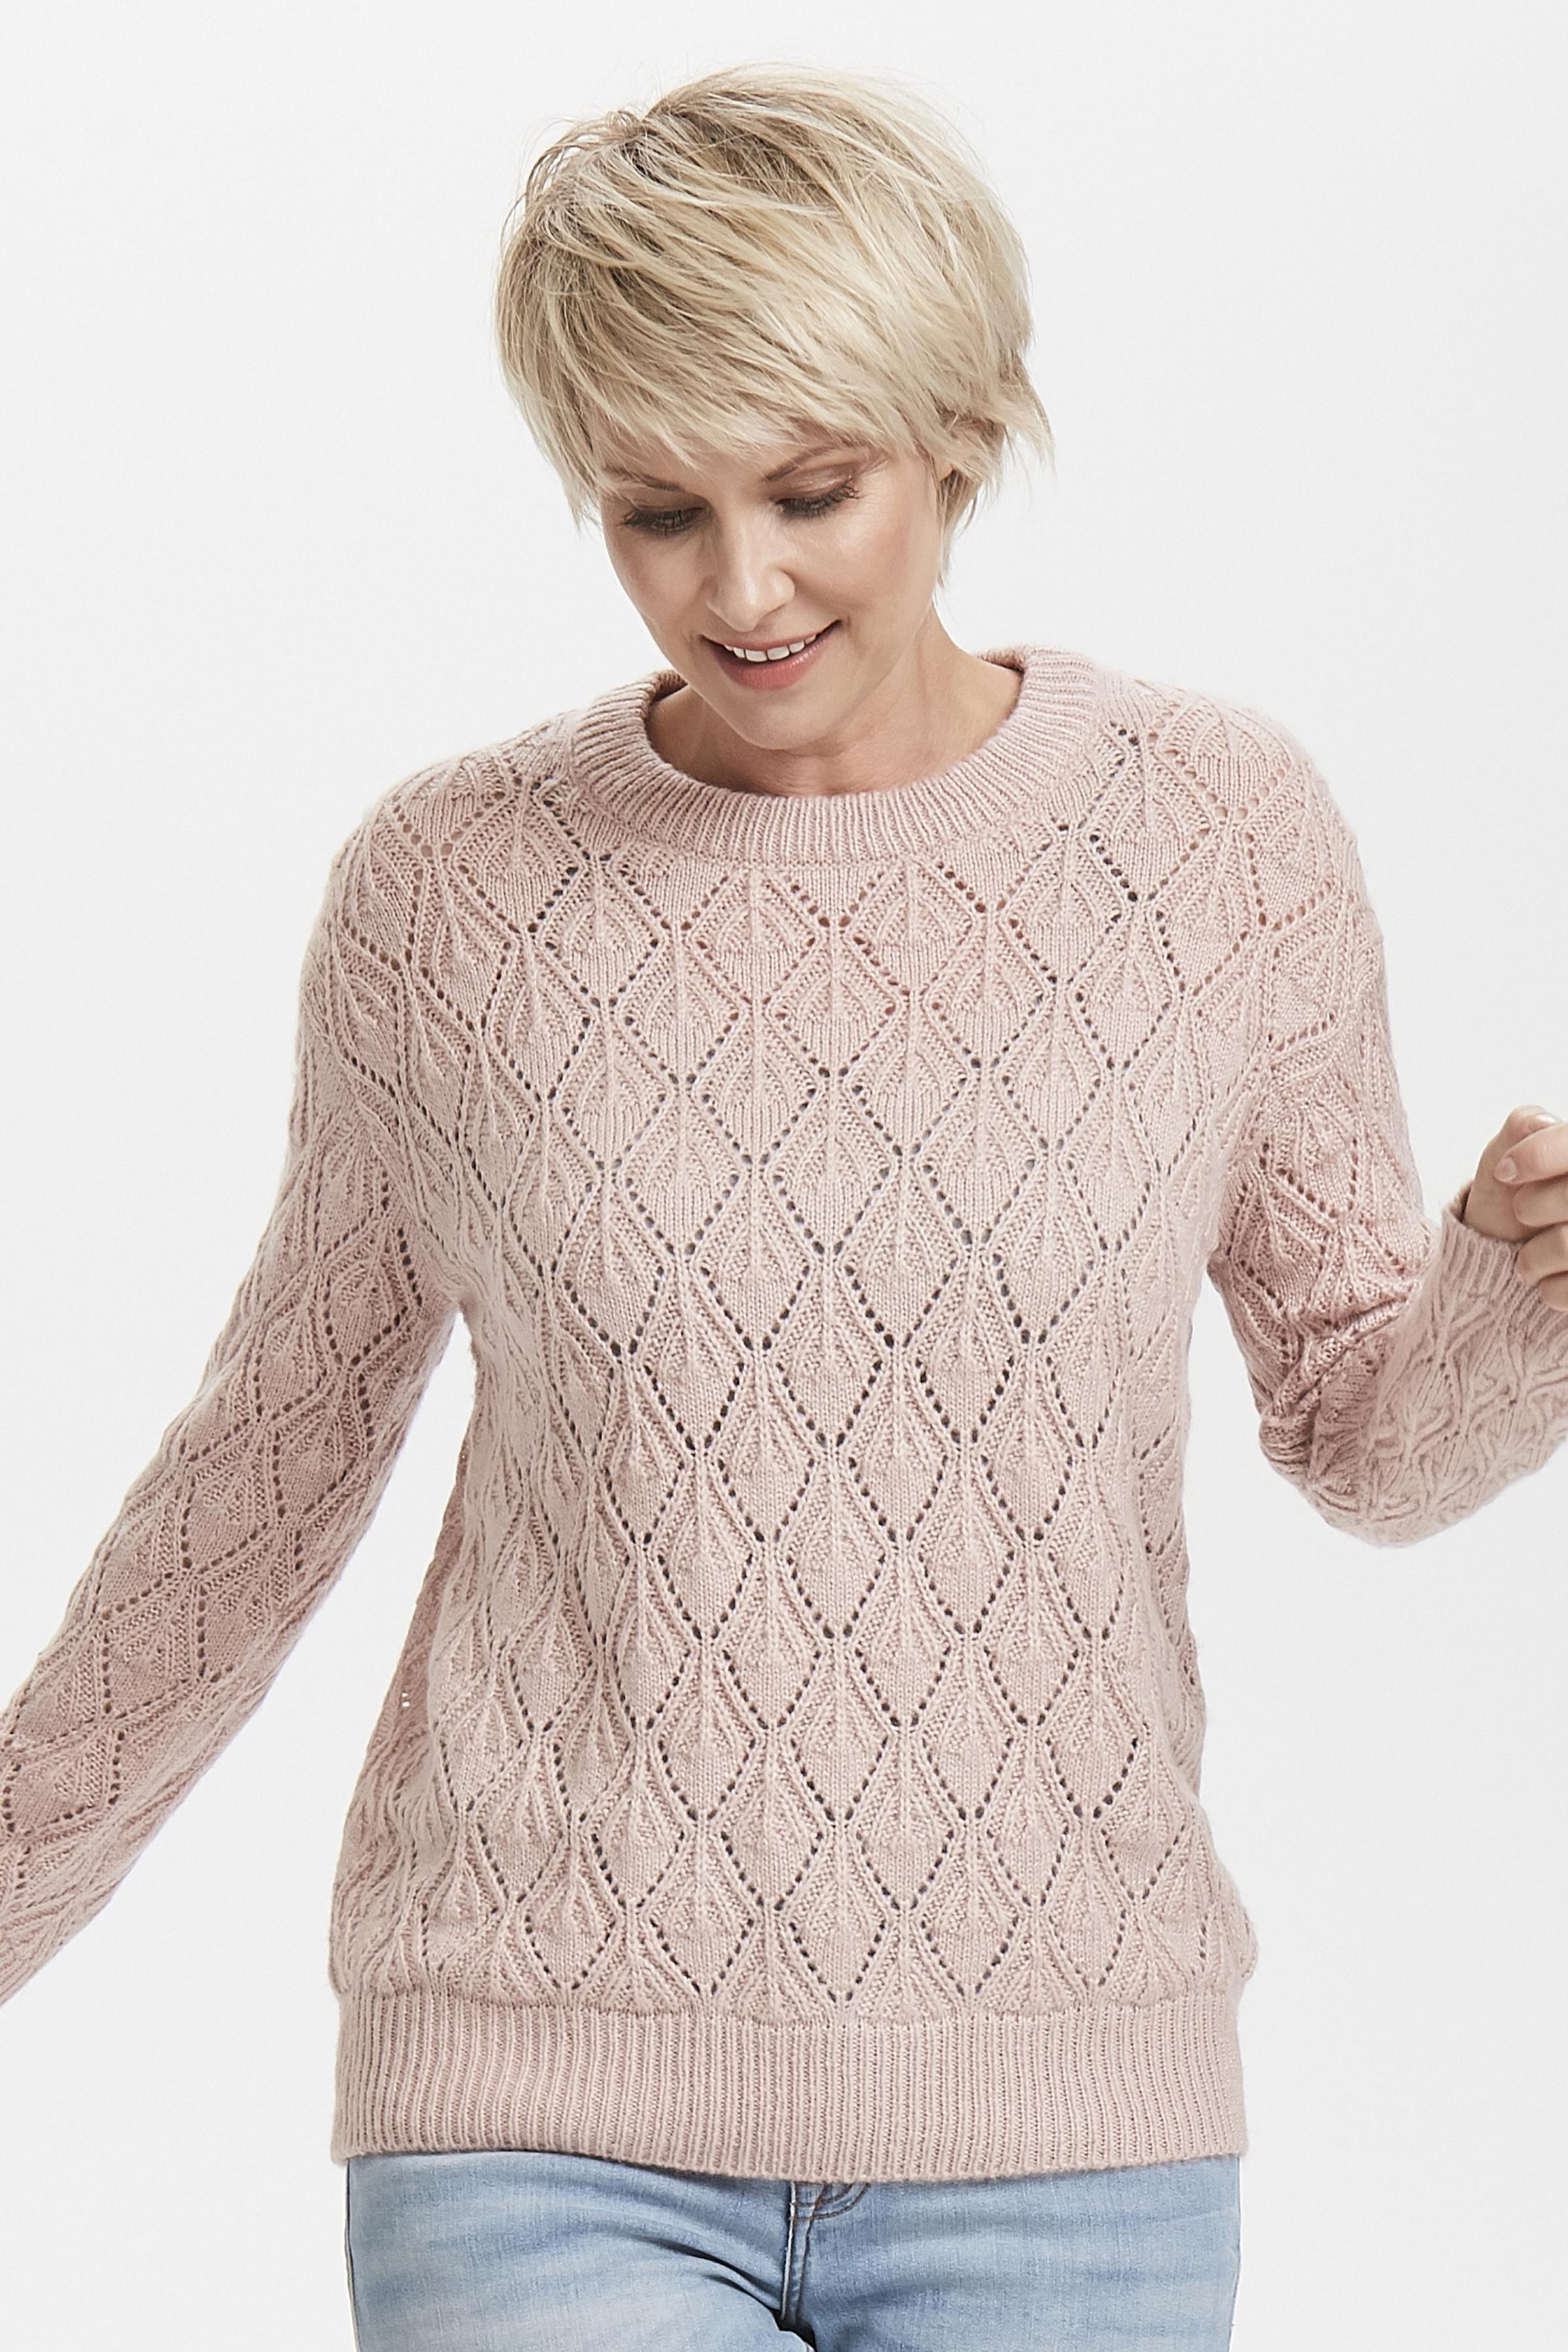 Roze Gebreide trui van Kaffe – Door Roze Gebreide trui van maat. XS-XXL hier